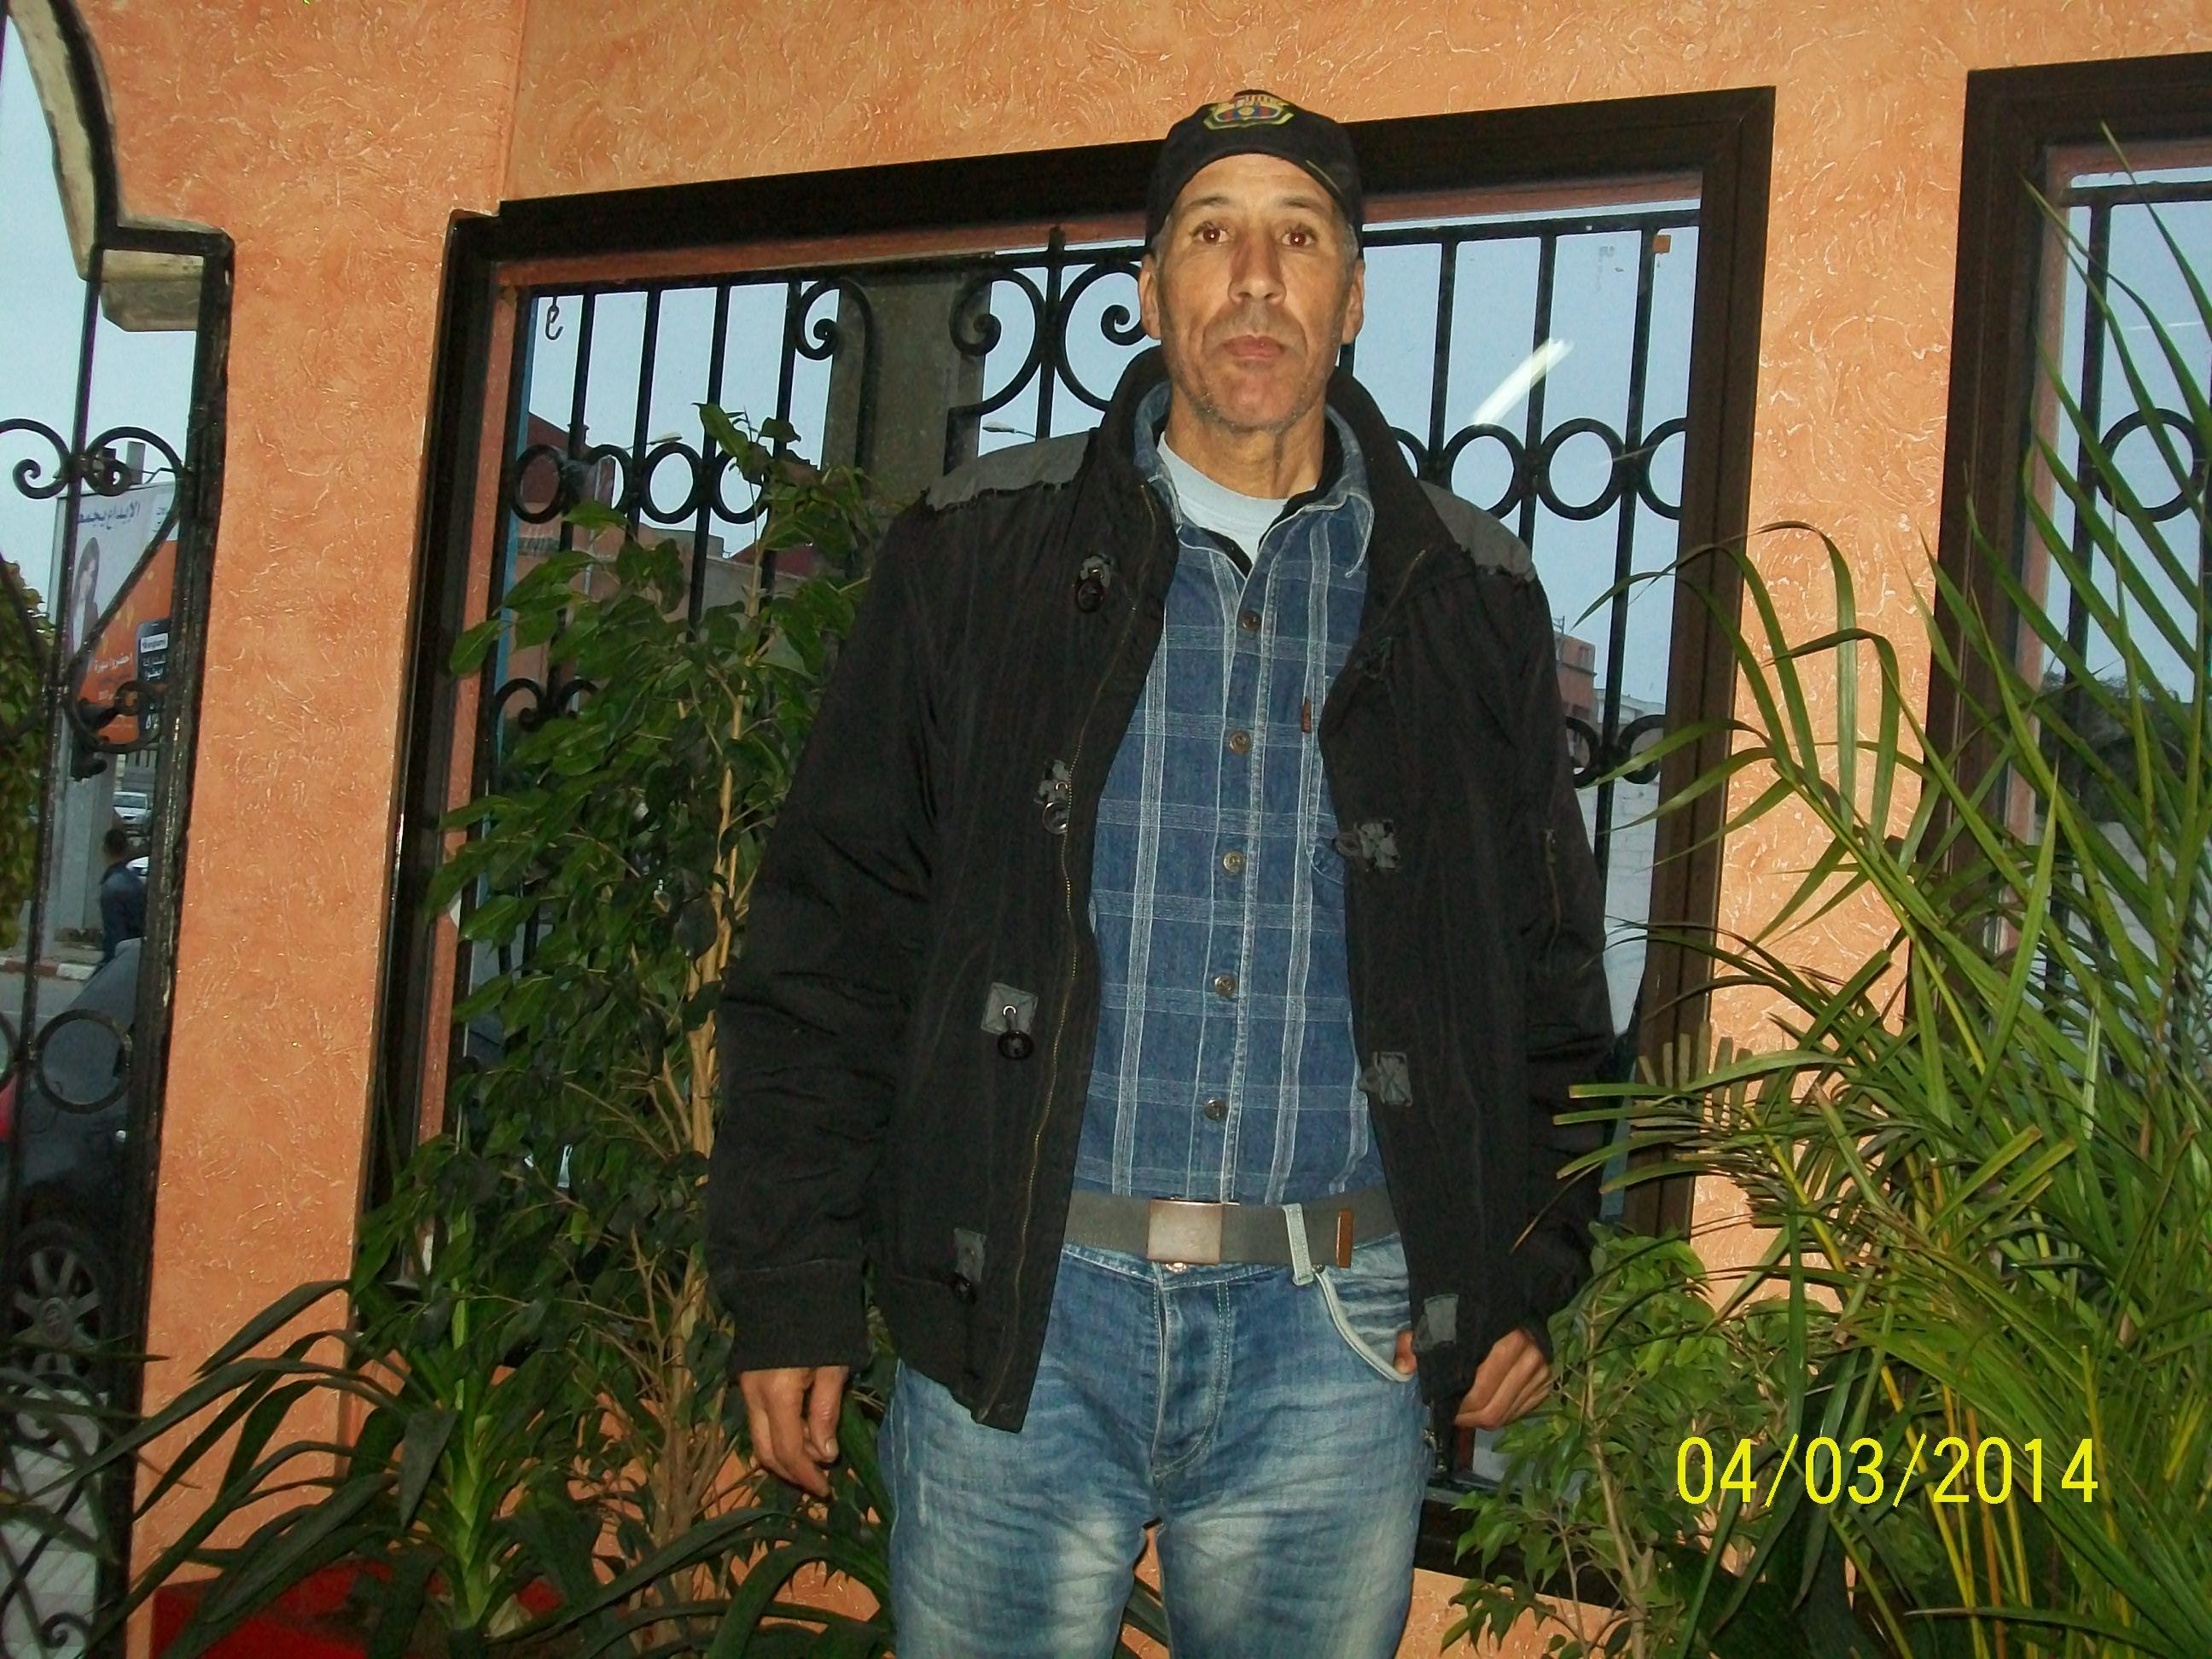 محمد برطال اللاعب السابق لفريق الدفاع الحسني الجديدي في حوار مع جريدةدكالةميديا 24.